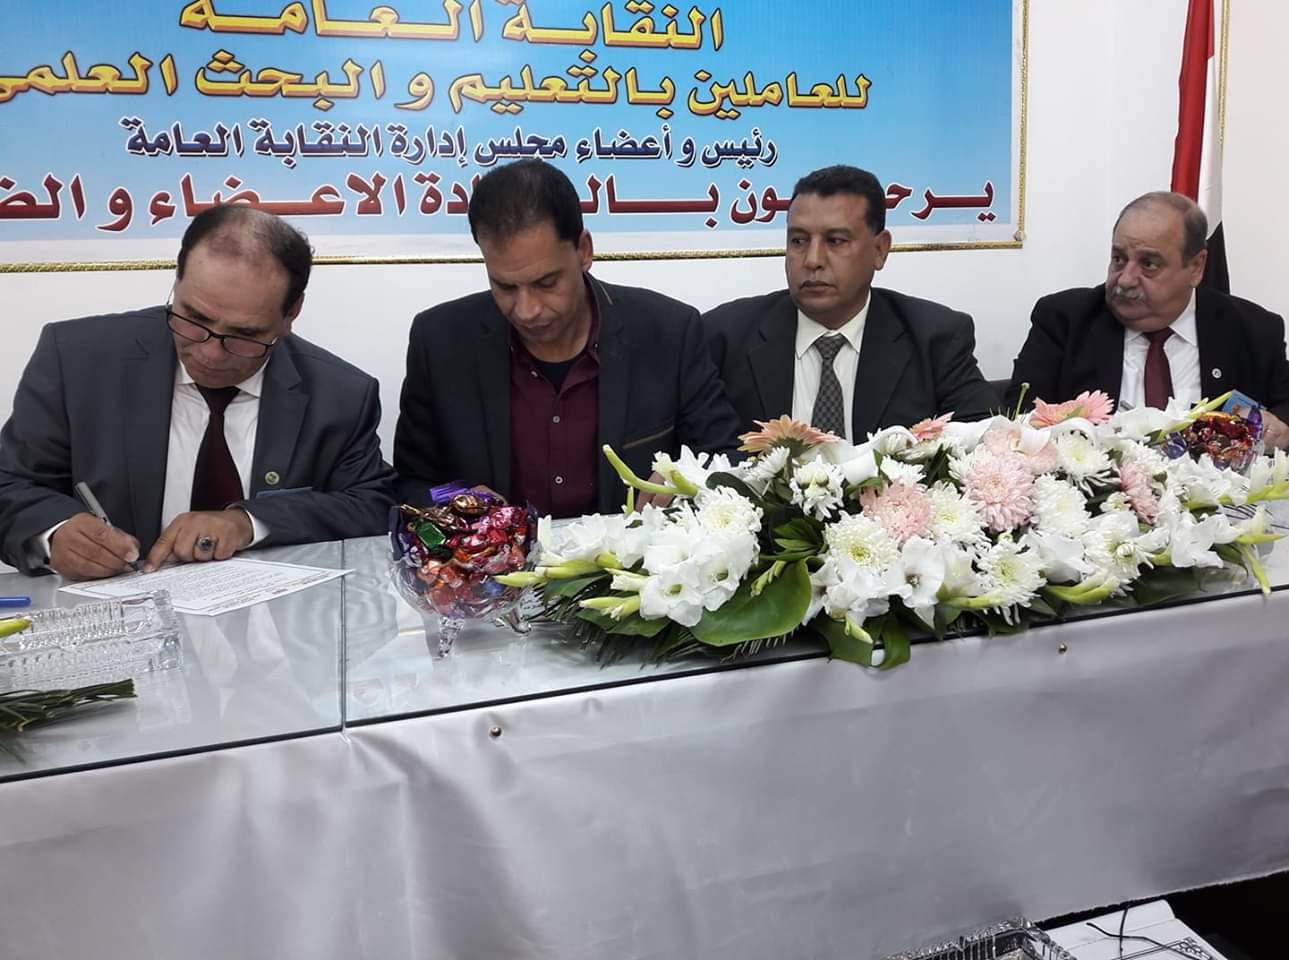 المنصوري يوقع اتفاقية شراكة مع النقابة العامة للعاملين بالتعليم والبحث العلمي المصرية